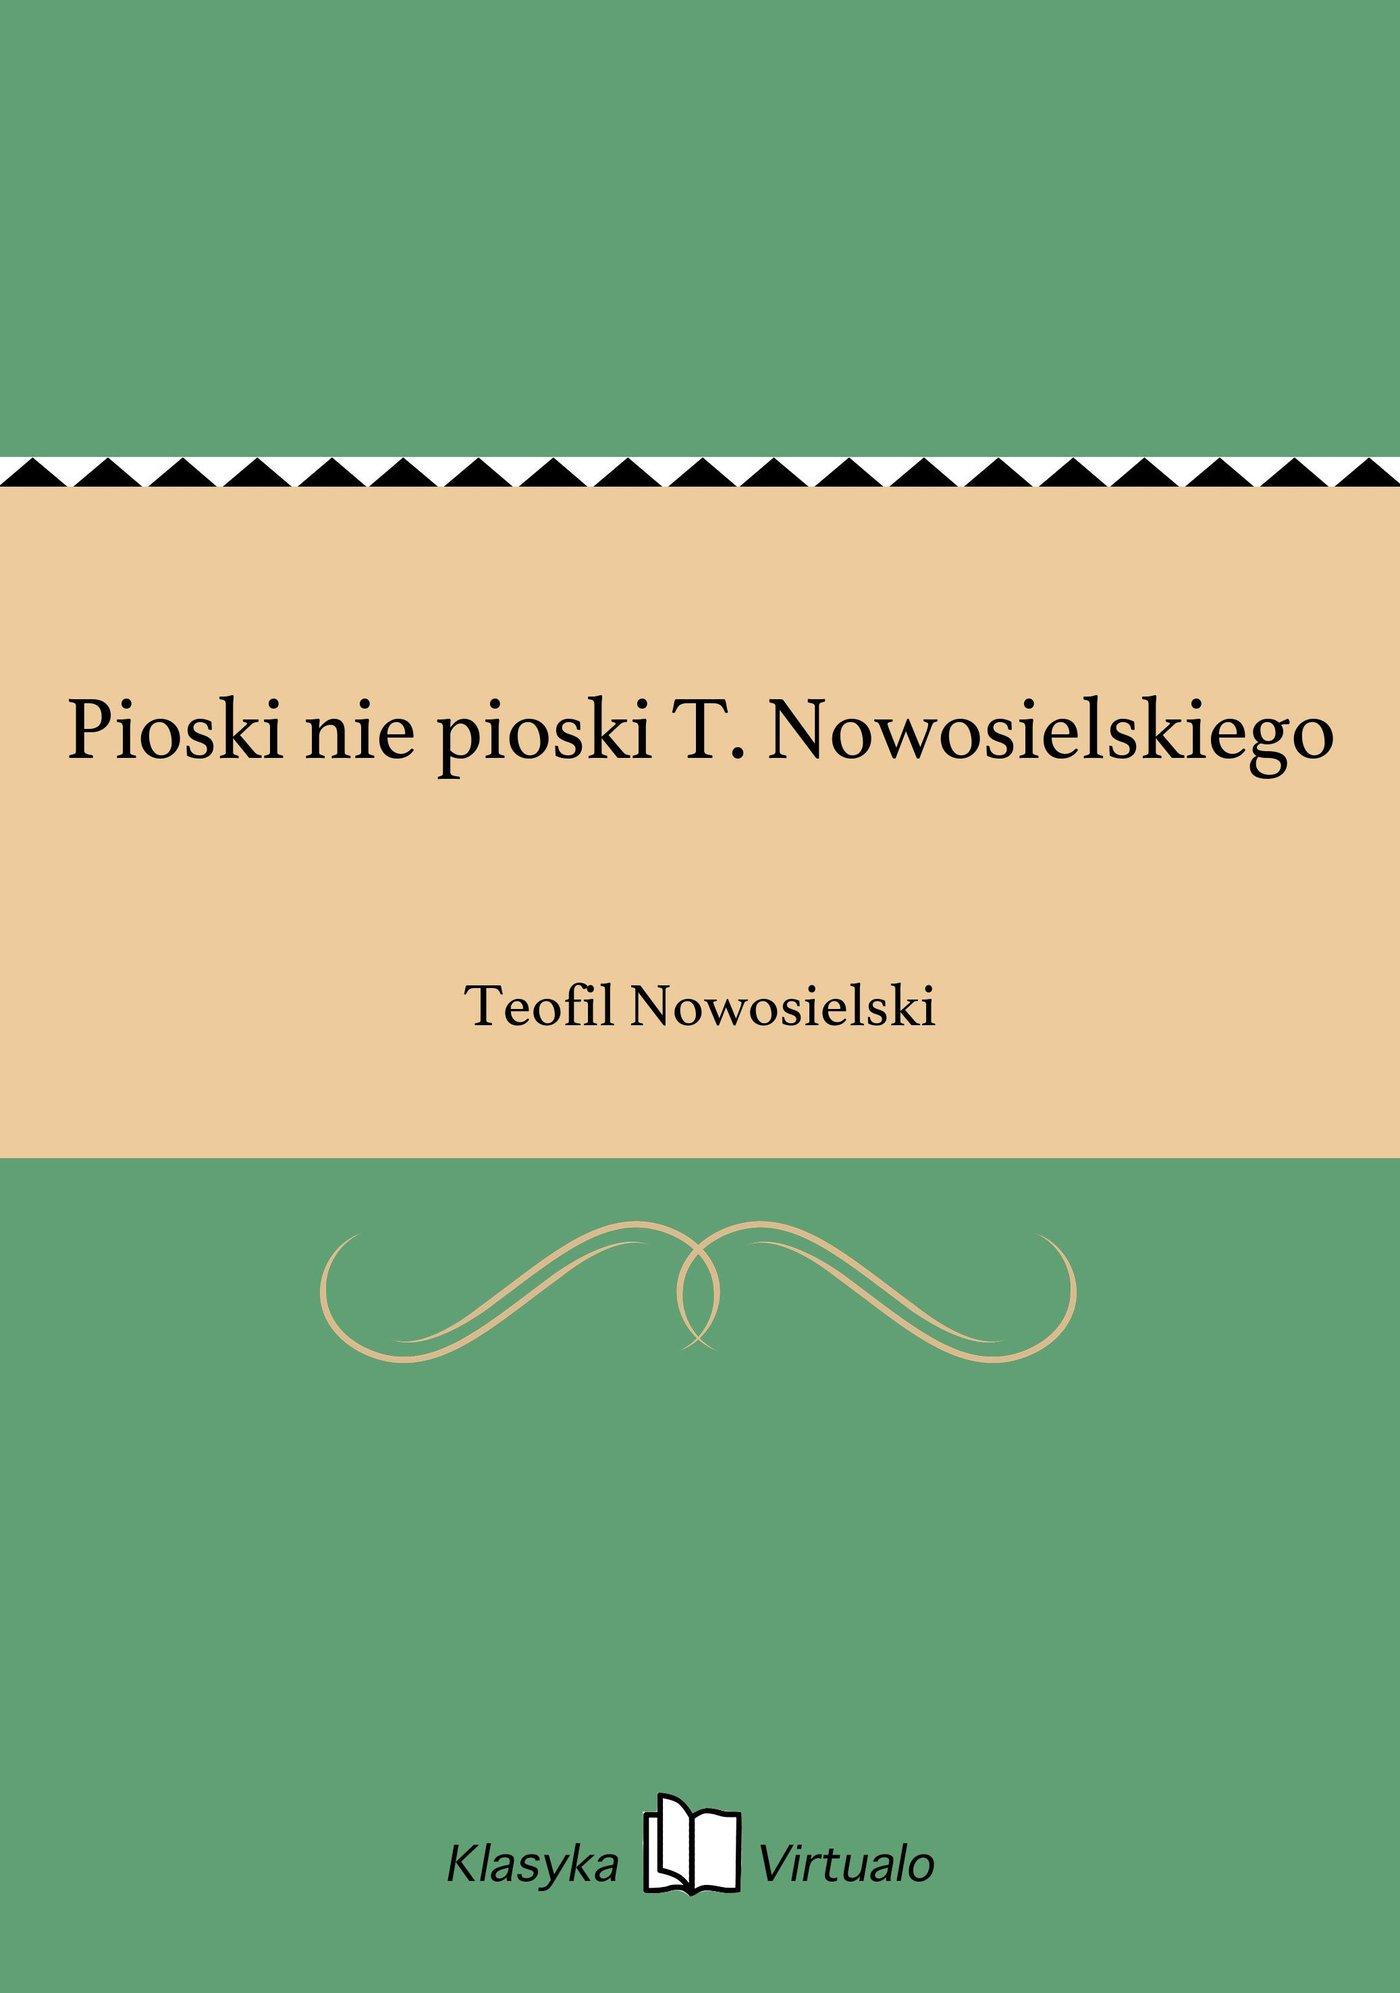 Pioski nie pioski T. Nowosielskiego - Ebook (Książka EPUB) do pobrania w formacie EPUB